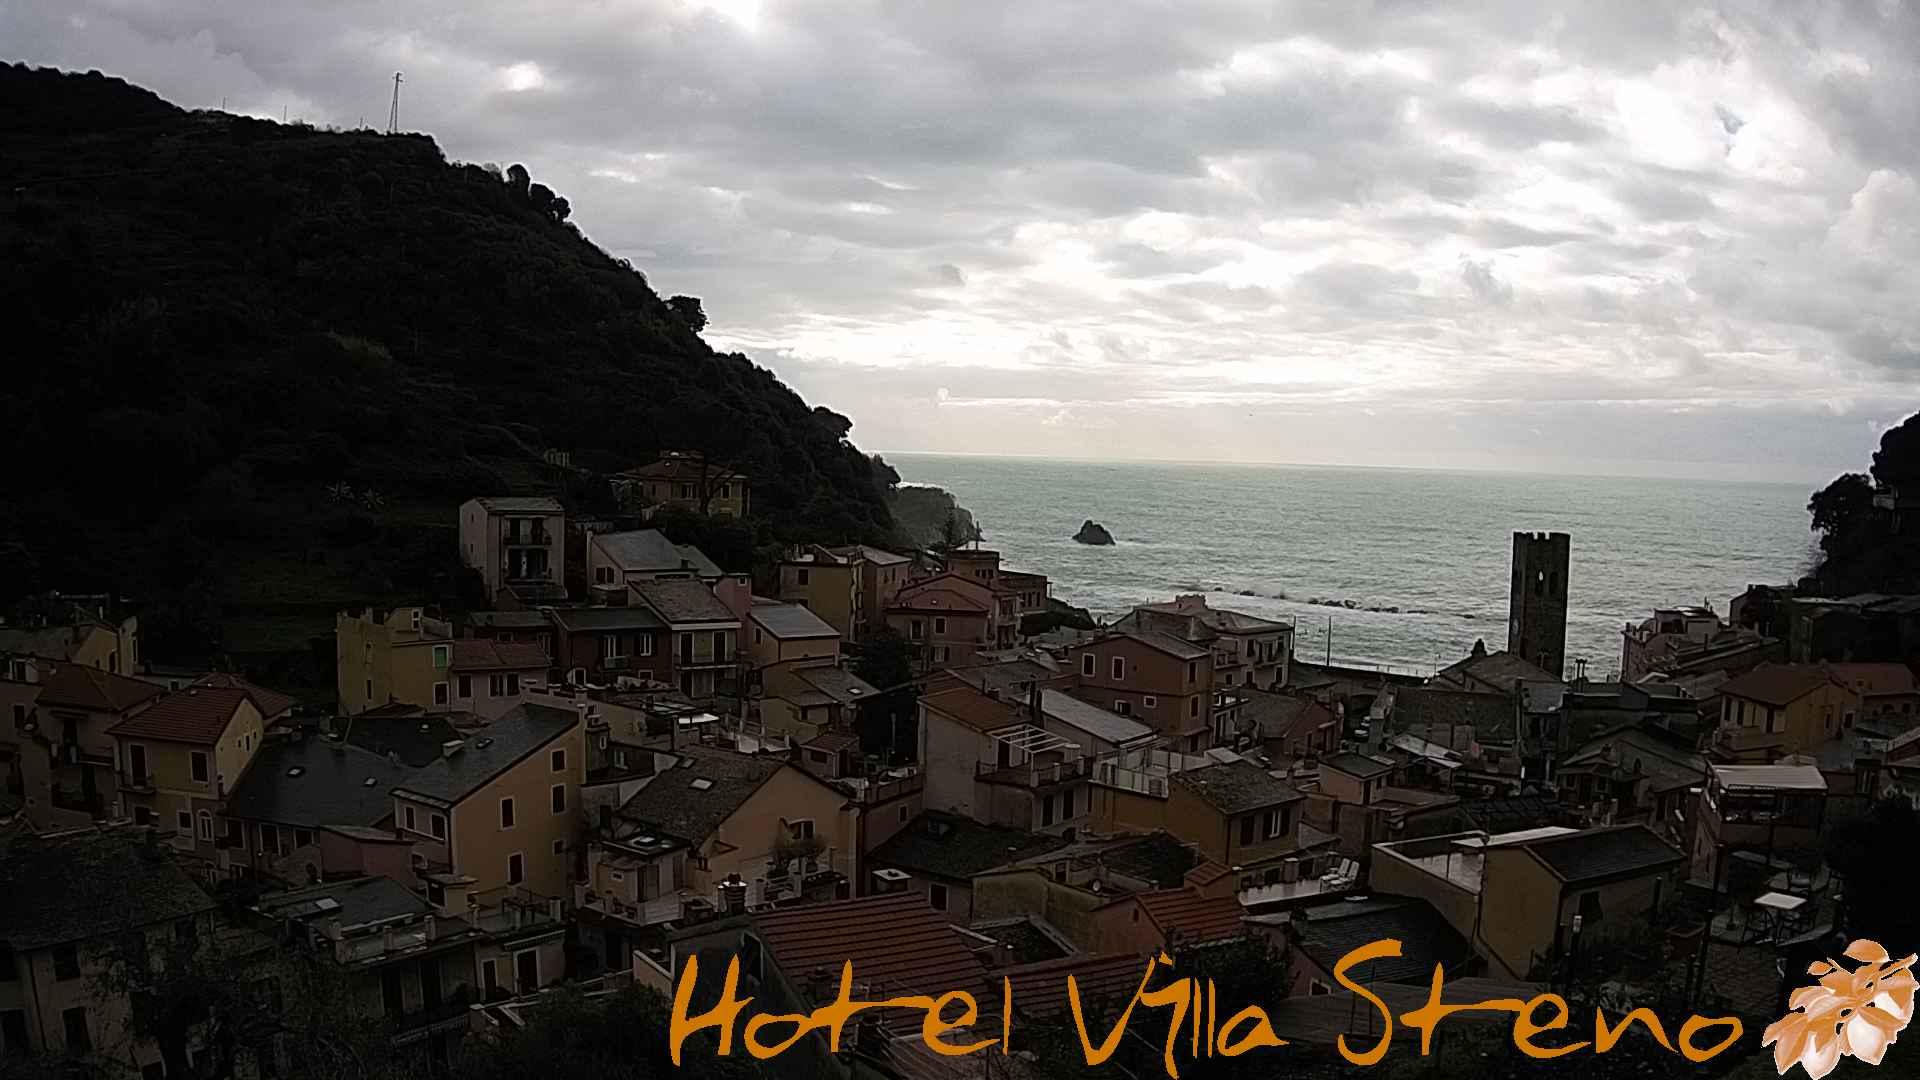 Webcam live Hotel Villa Steno - Monterosso al Mare - Cinque Terre - Italy